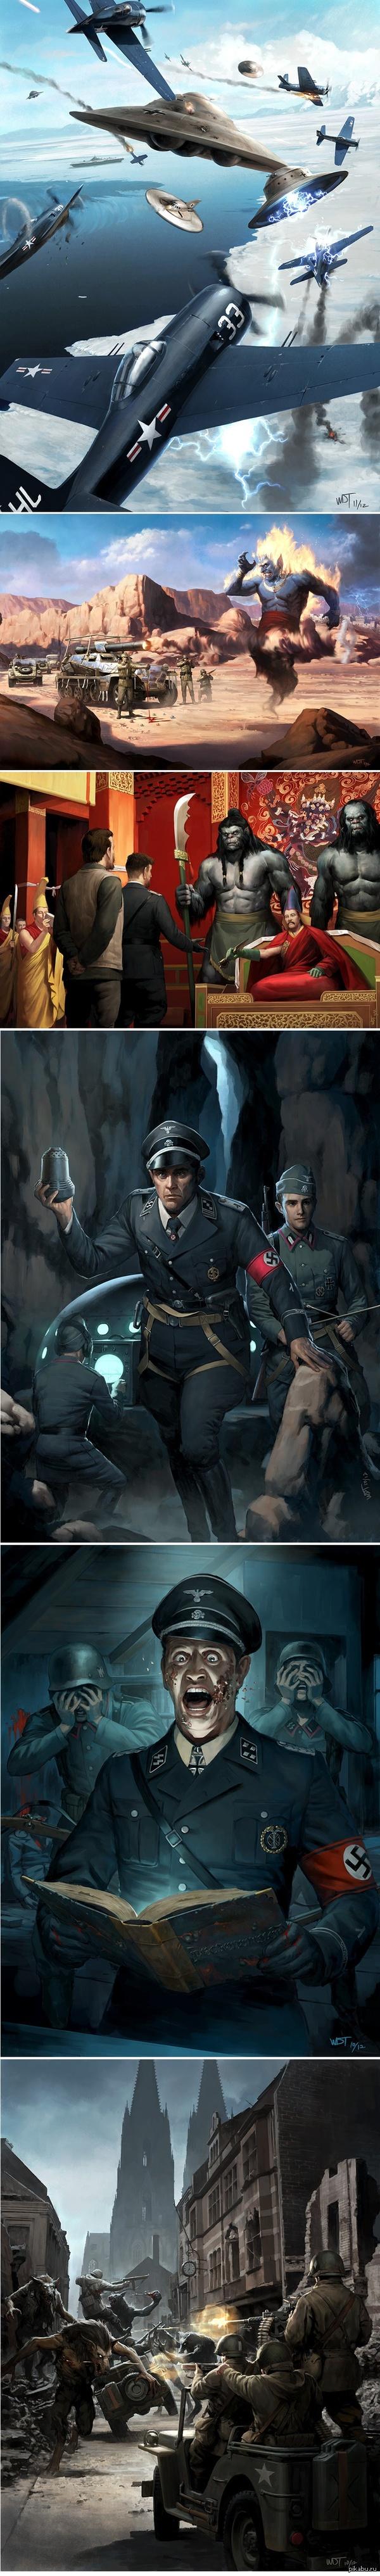 Нацистский оккультизм